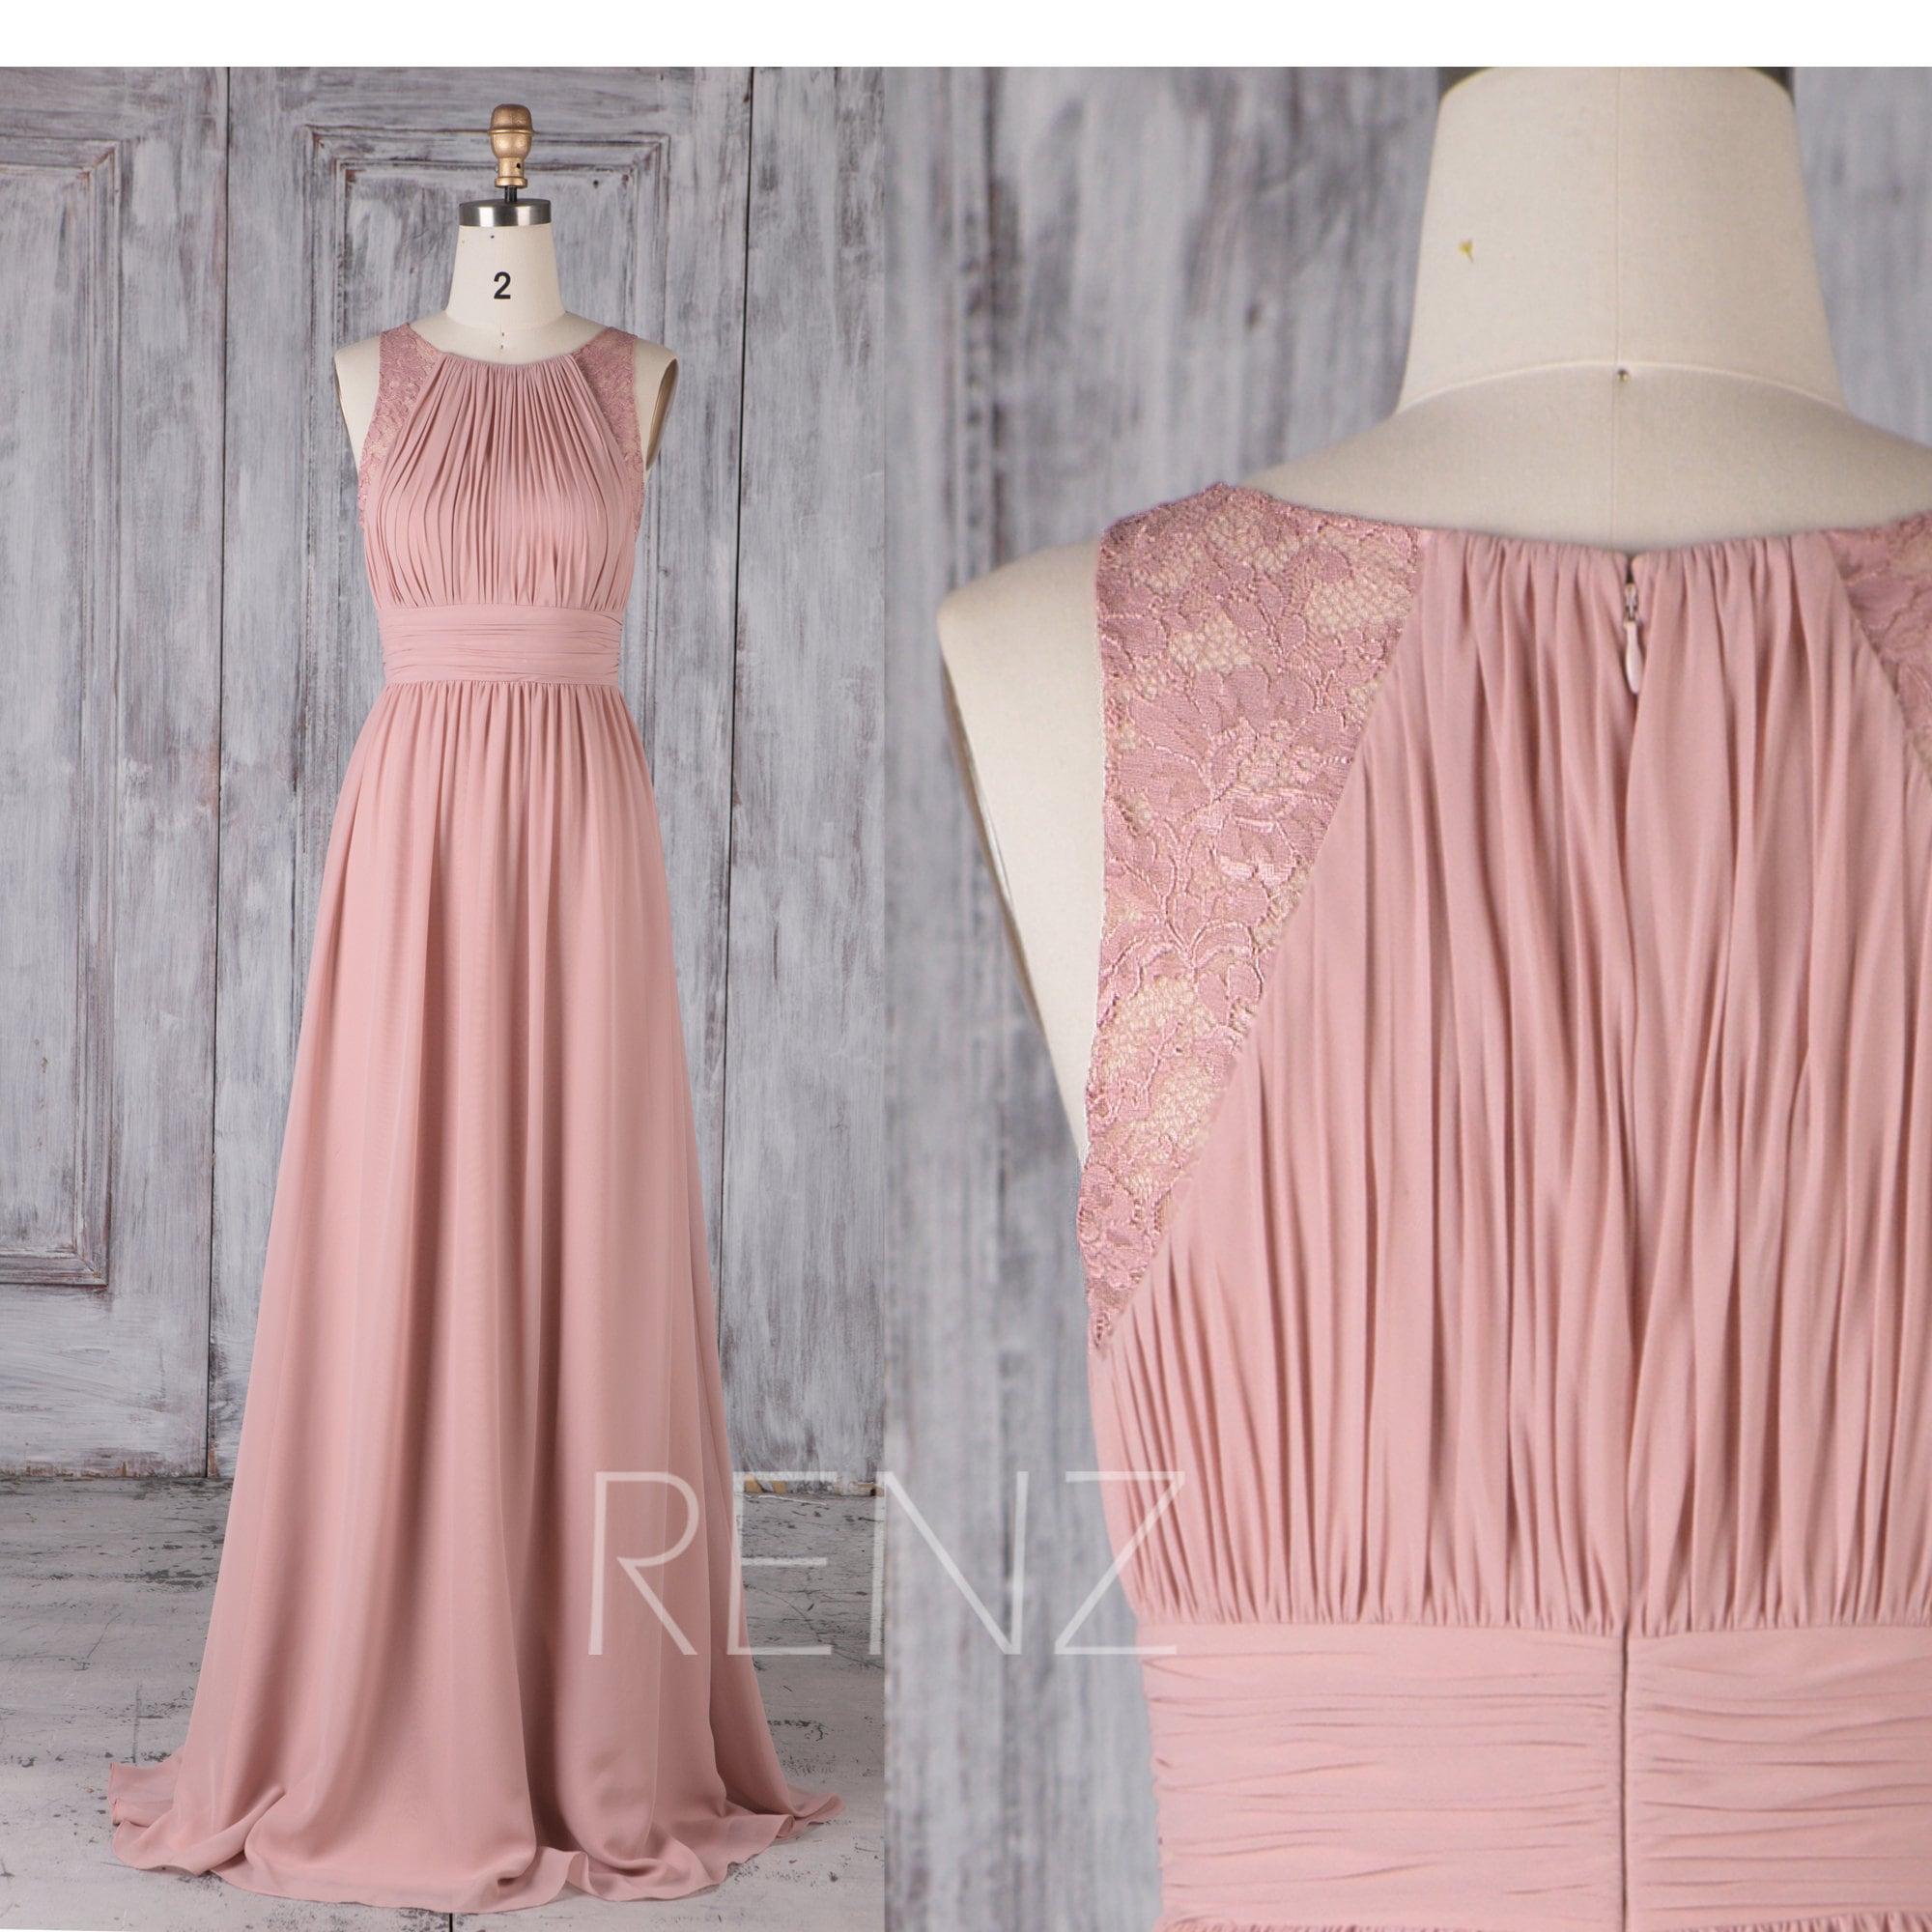 Brautjungfer Kleid staubigen Rosa Chiffon Kleid Brautkleid